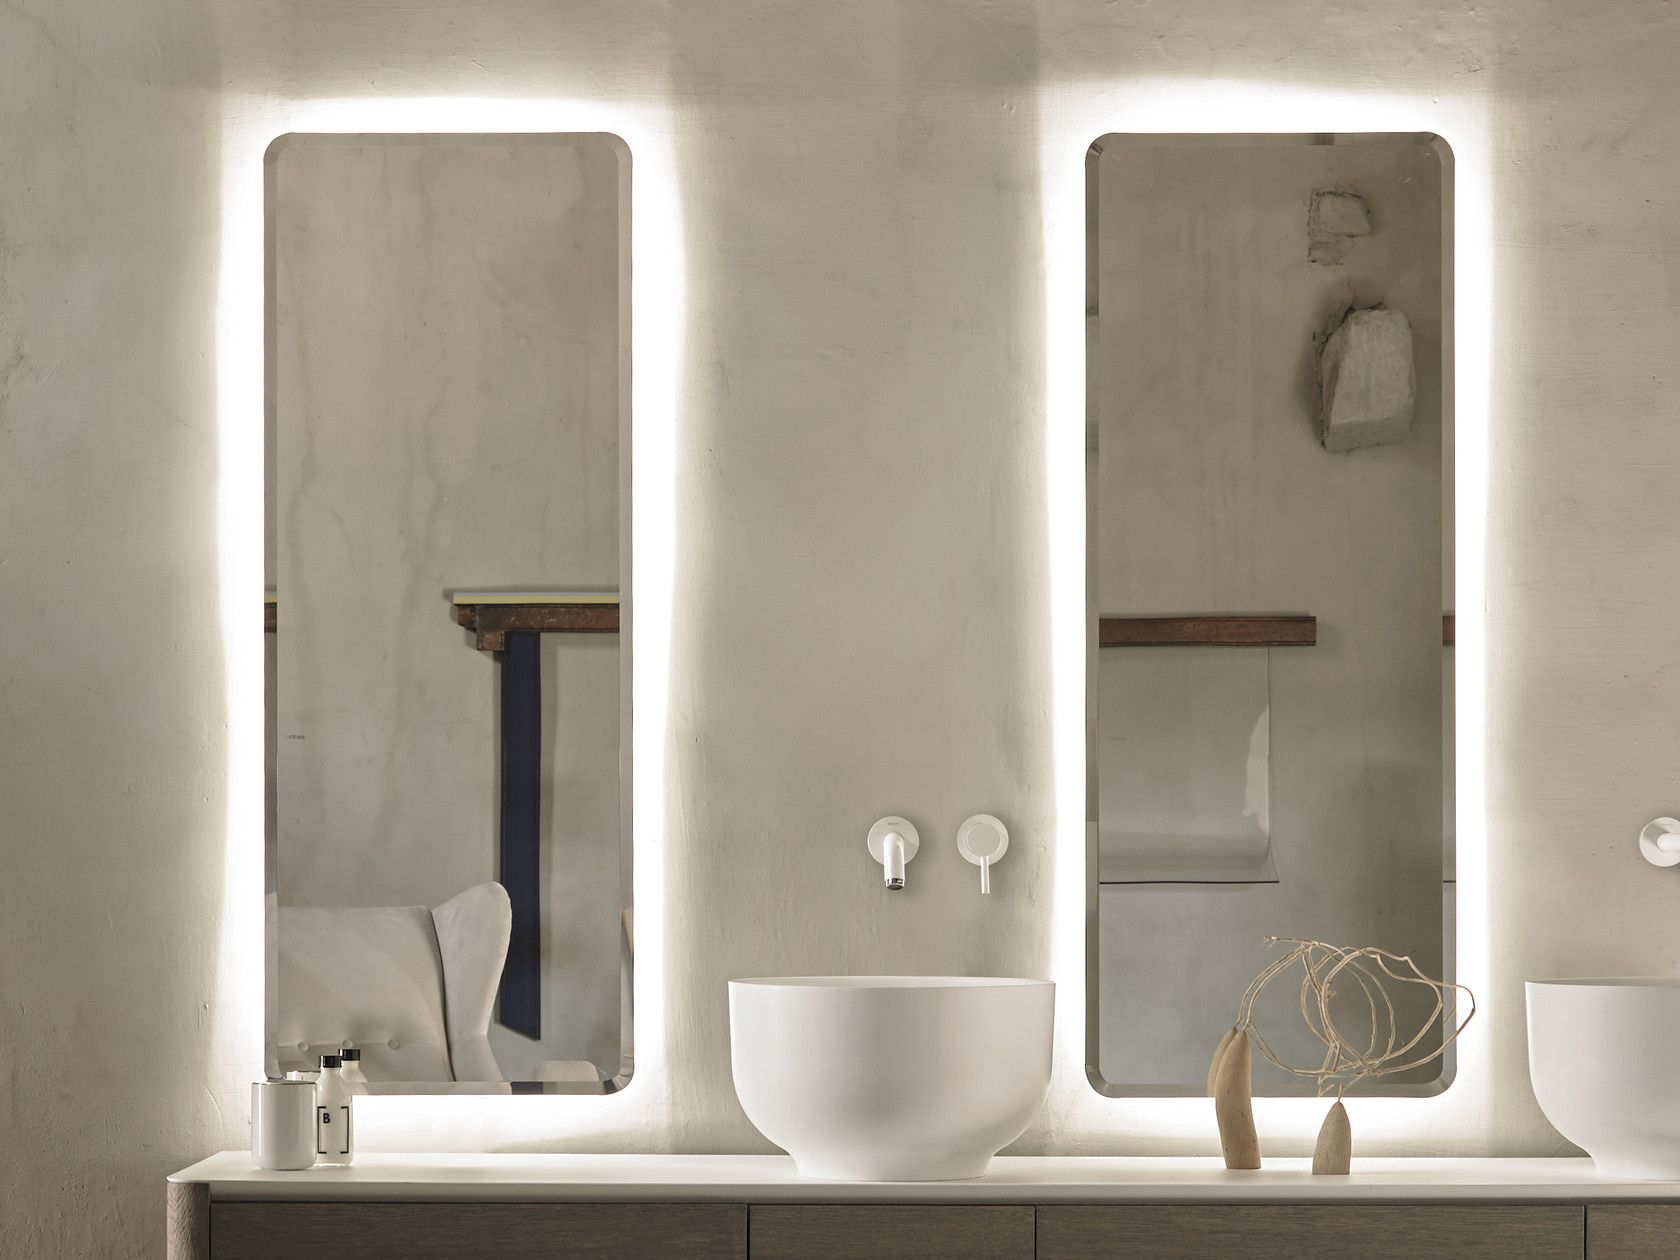 Specchio rettangolare con illuminazione integrata per bagno origin